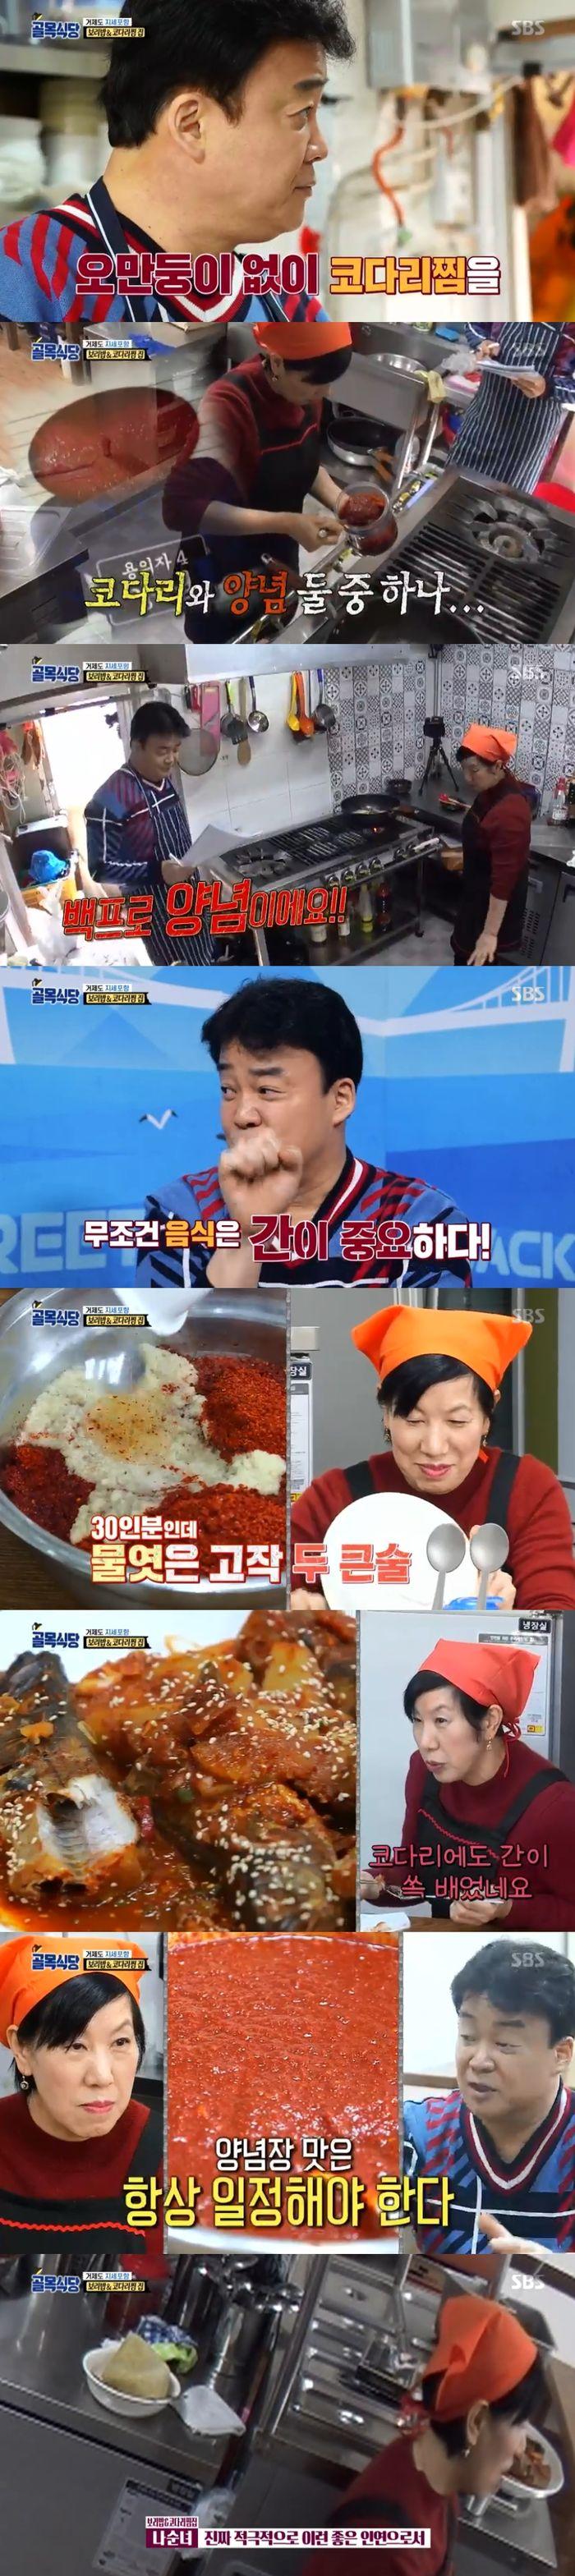 """[스브스夜] '골목식당' 코다리찜의 쓴맛 추리대결 결과는? """"양념의 간 때문""""  기본이미지"""